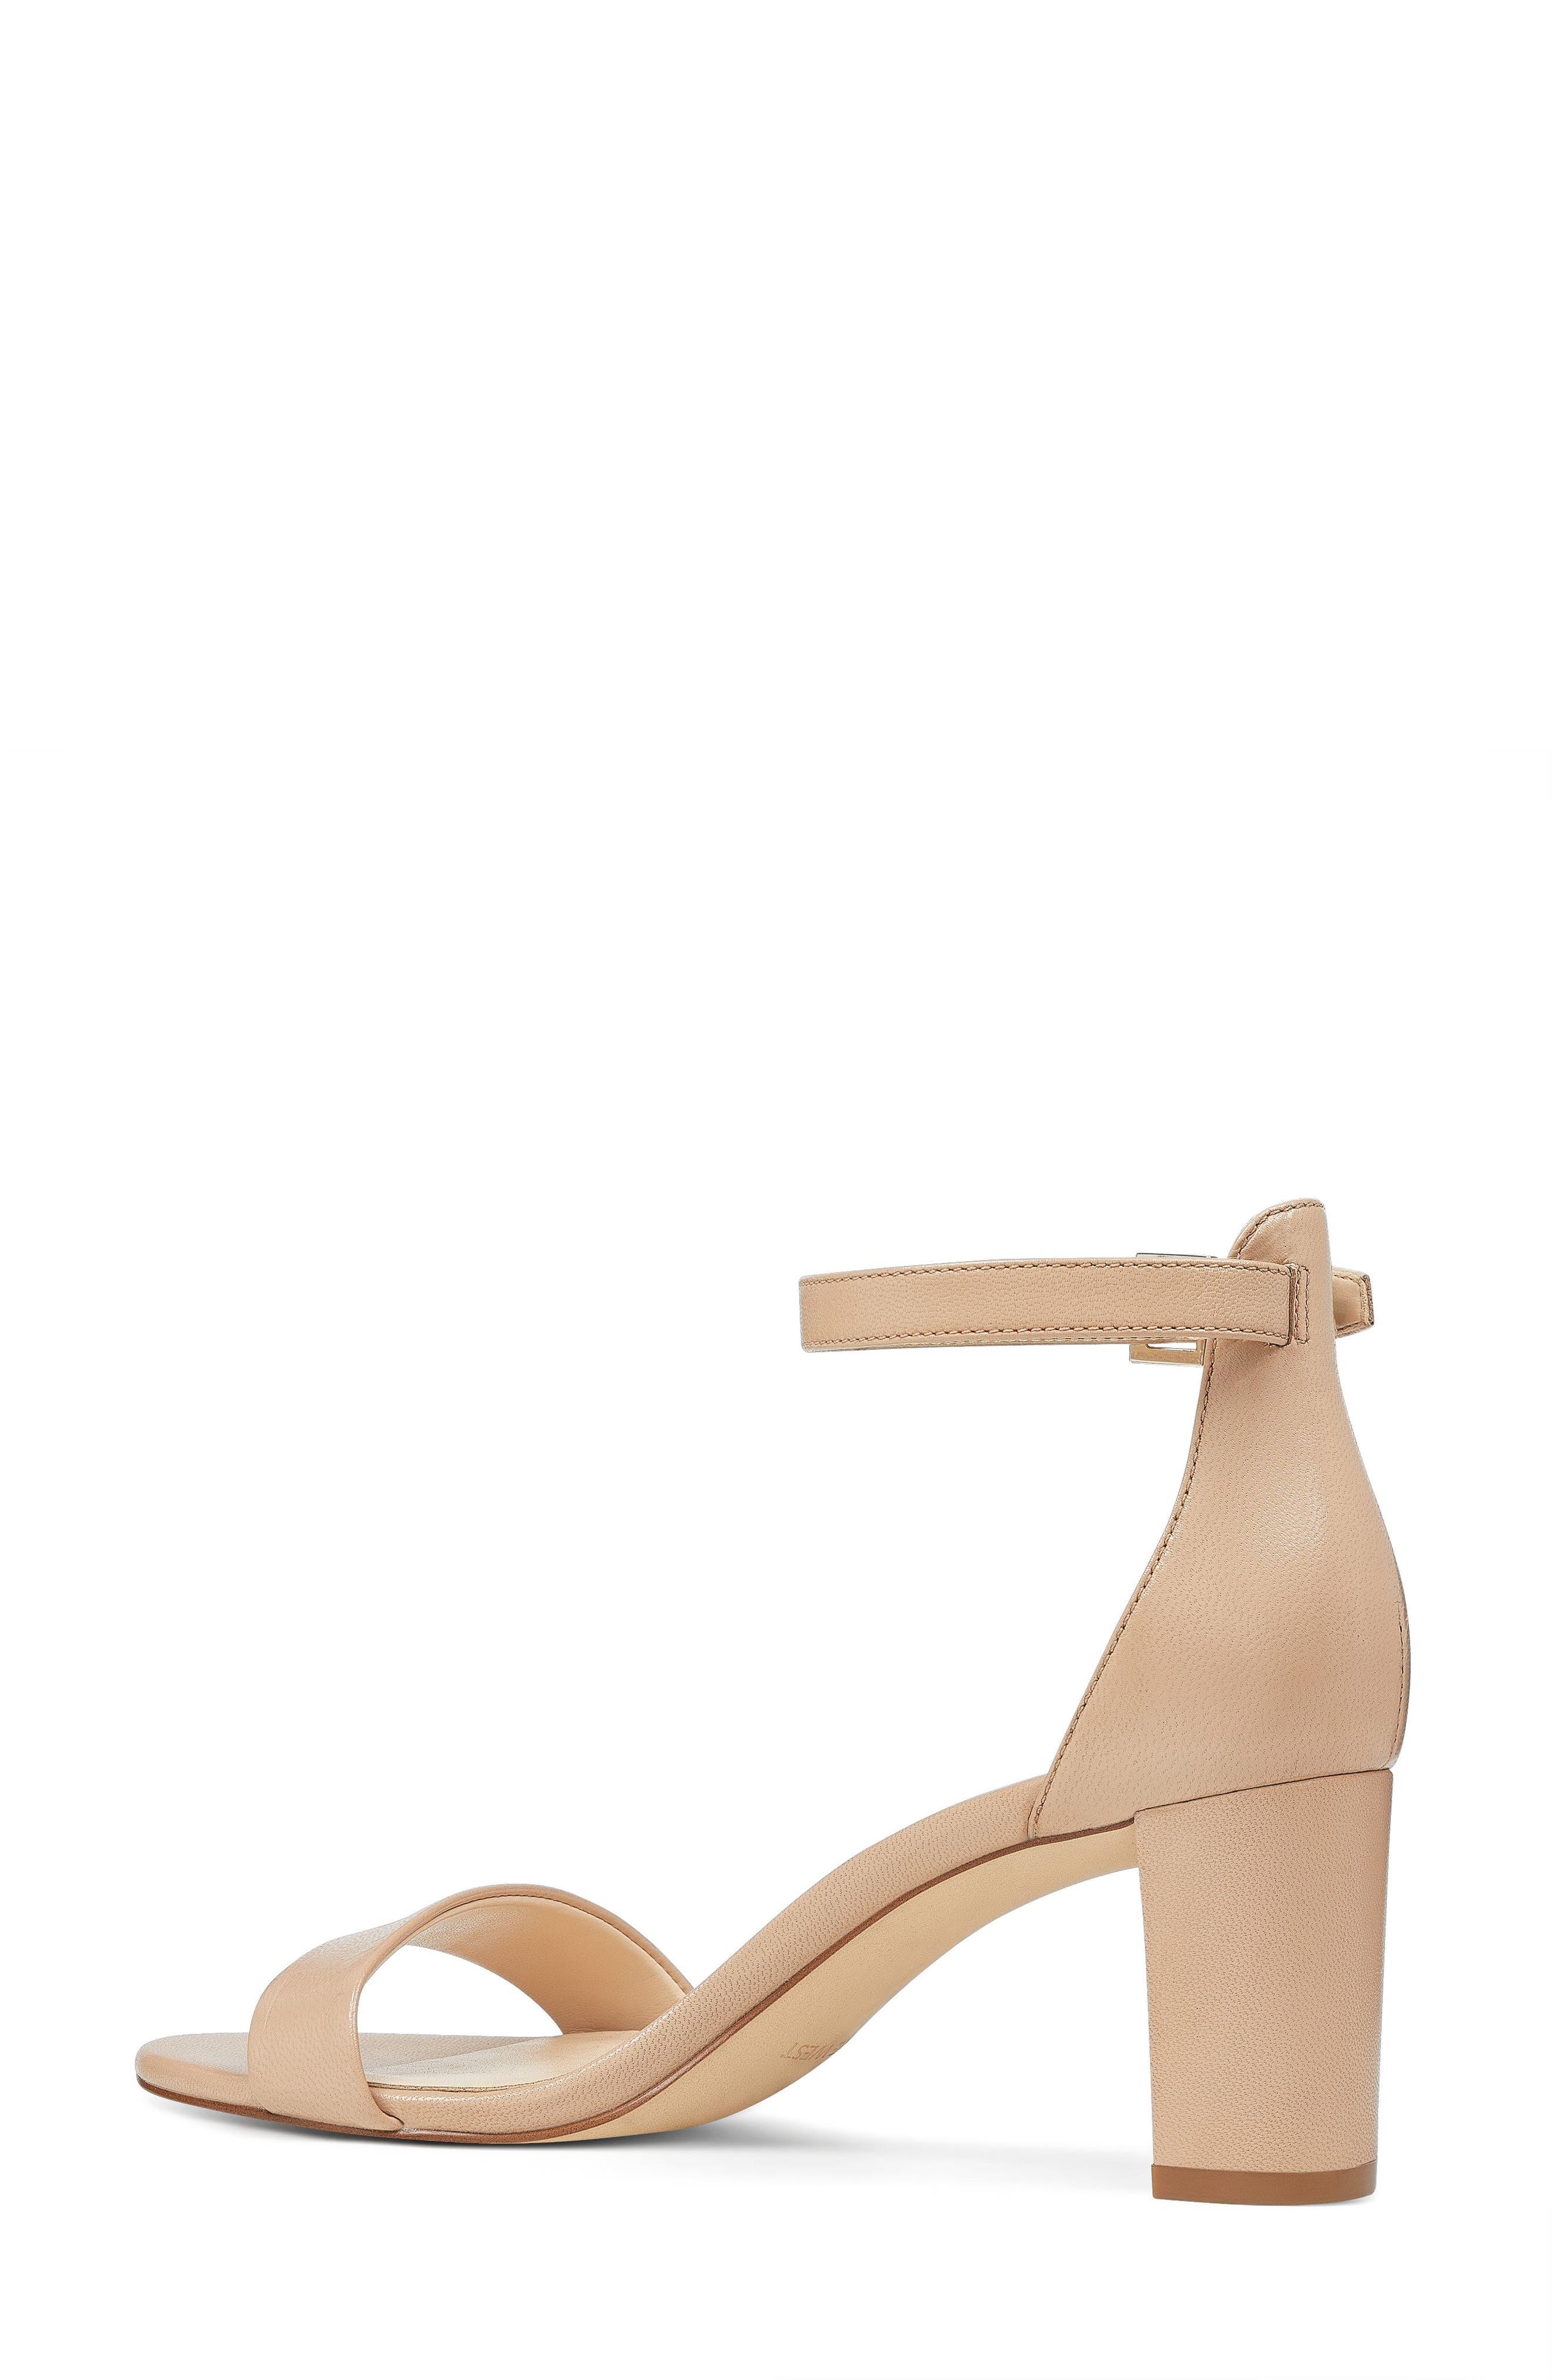 NINE WEST, Pruce Ankle Strap Sandal, Alternate thumbnail 2, color, LIGHT NATURAL LEATHER